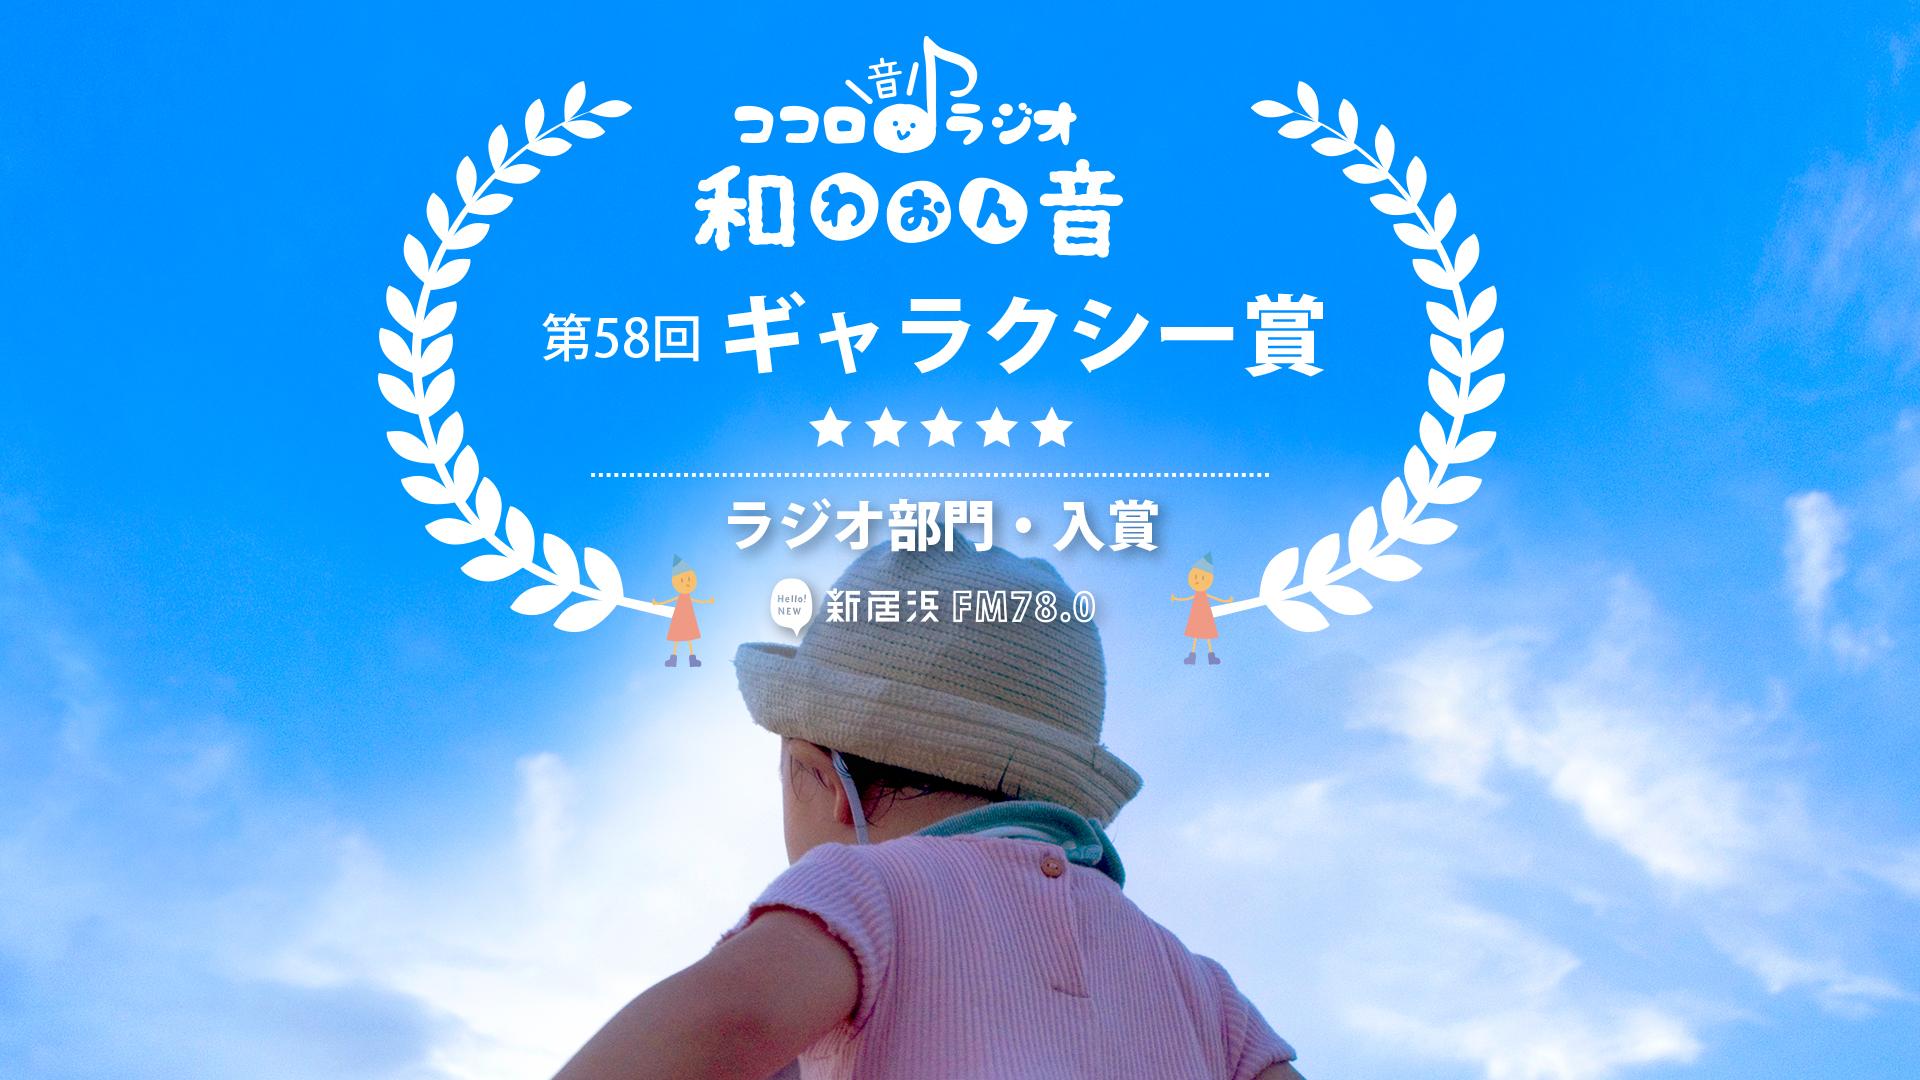 ギャラクシー賞入賞